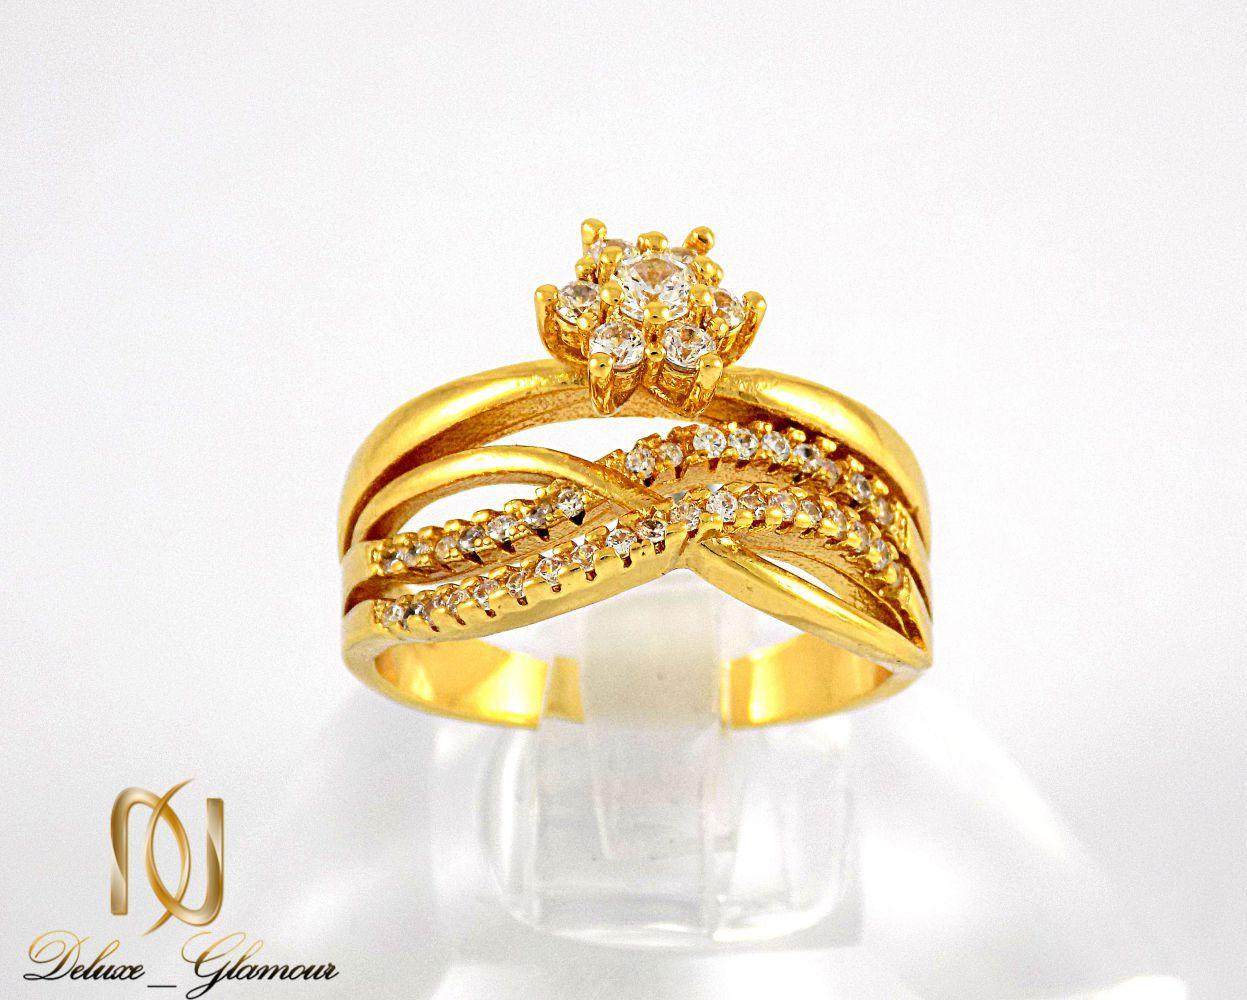 انگشتر زنانه استیل طرح تک نگین با روکش آب طلای 18 عیار RG-N174 از نمای روبرو